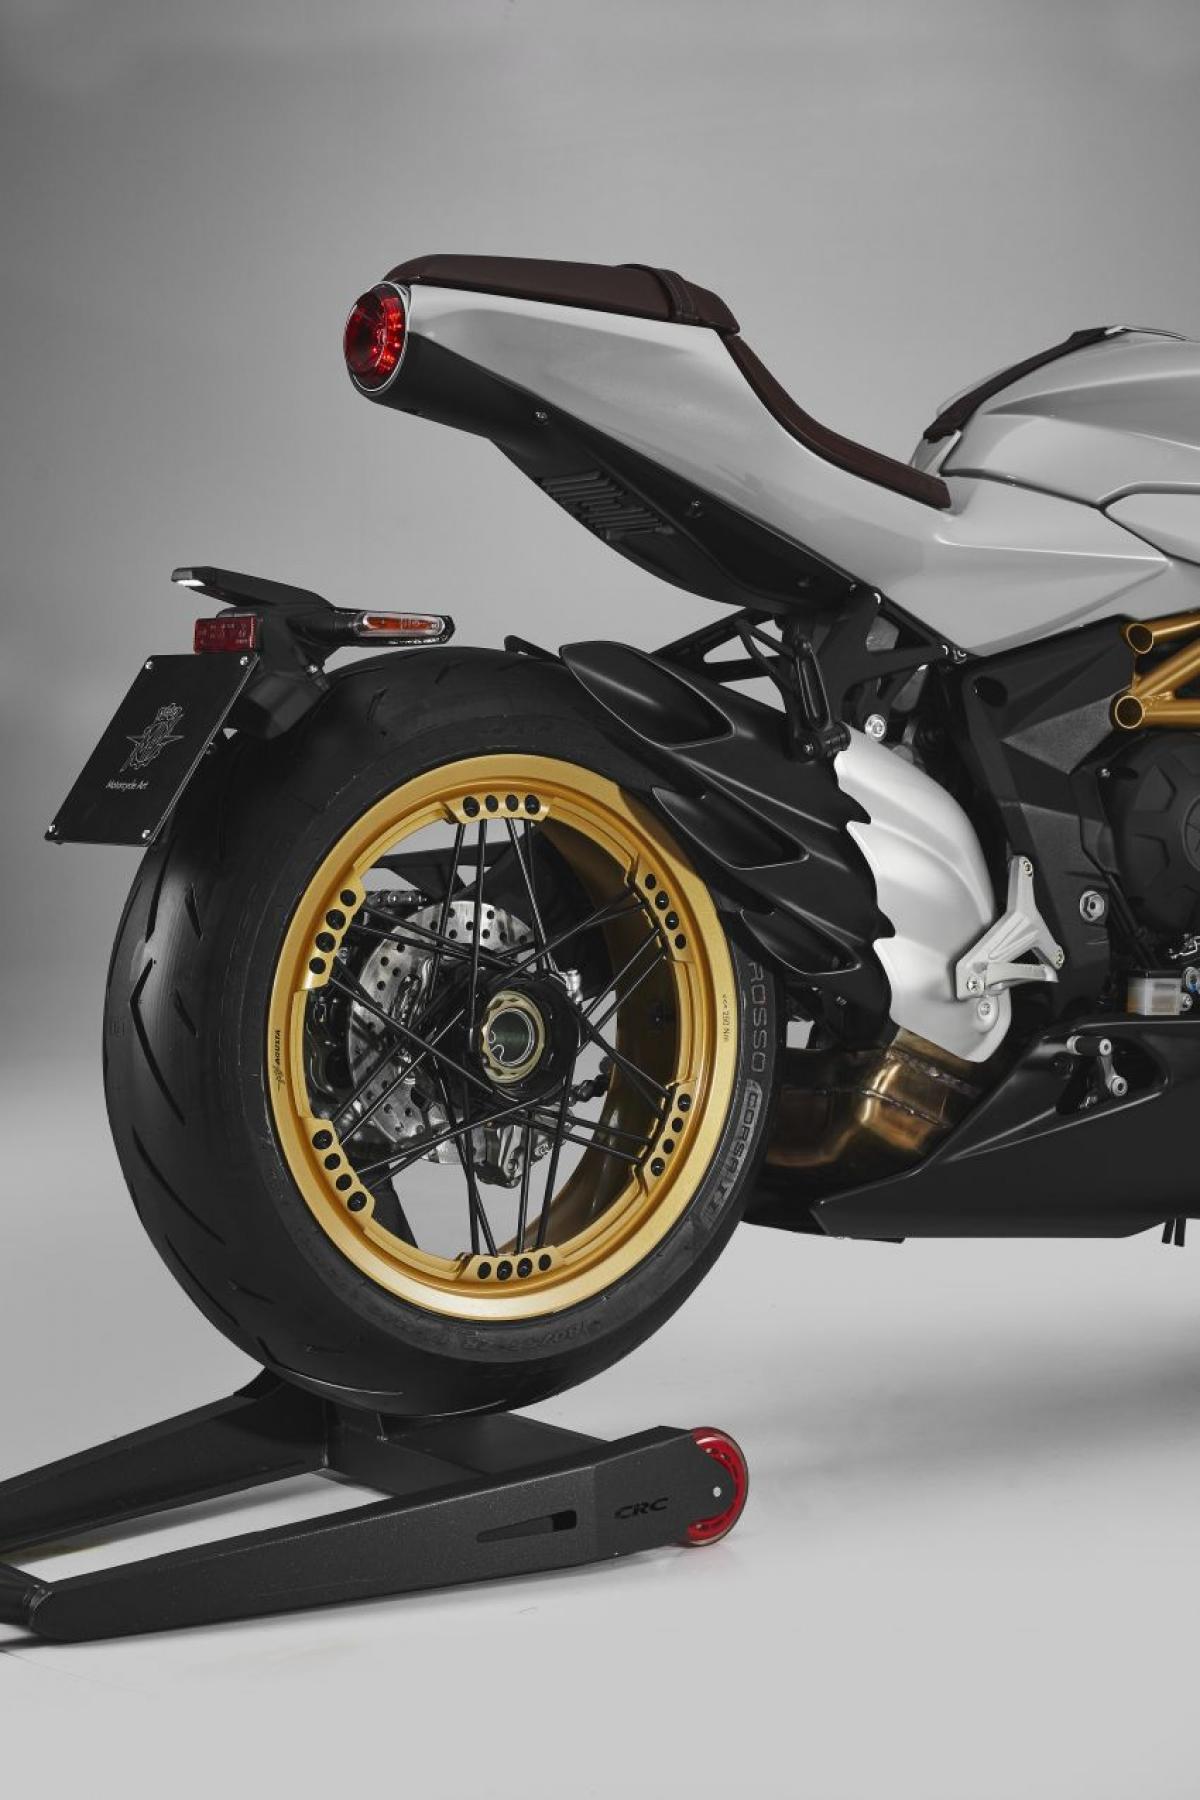 Mỗi chiếc Superveloce S cũng được trang bị bộ Racing Kit bao gồm ống xả Racing 3 với chức năng lập bản đồ động cơ chuyên dụng và tấm che ghế sau.